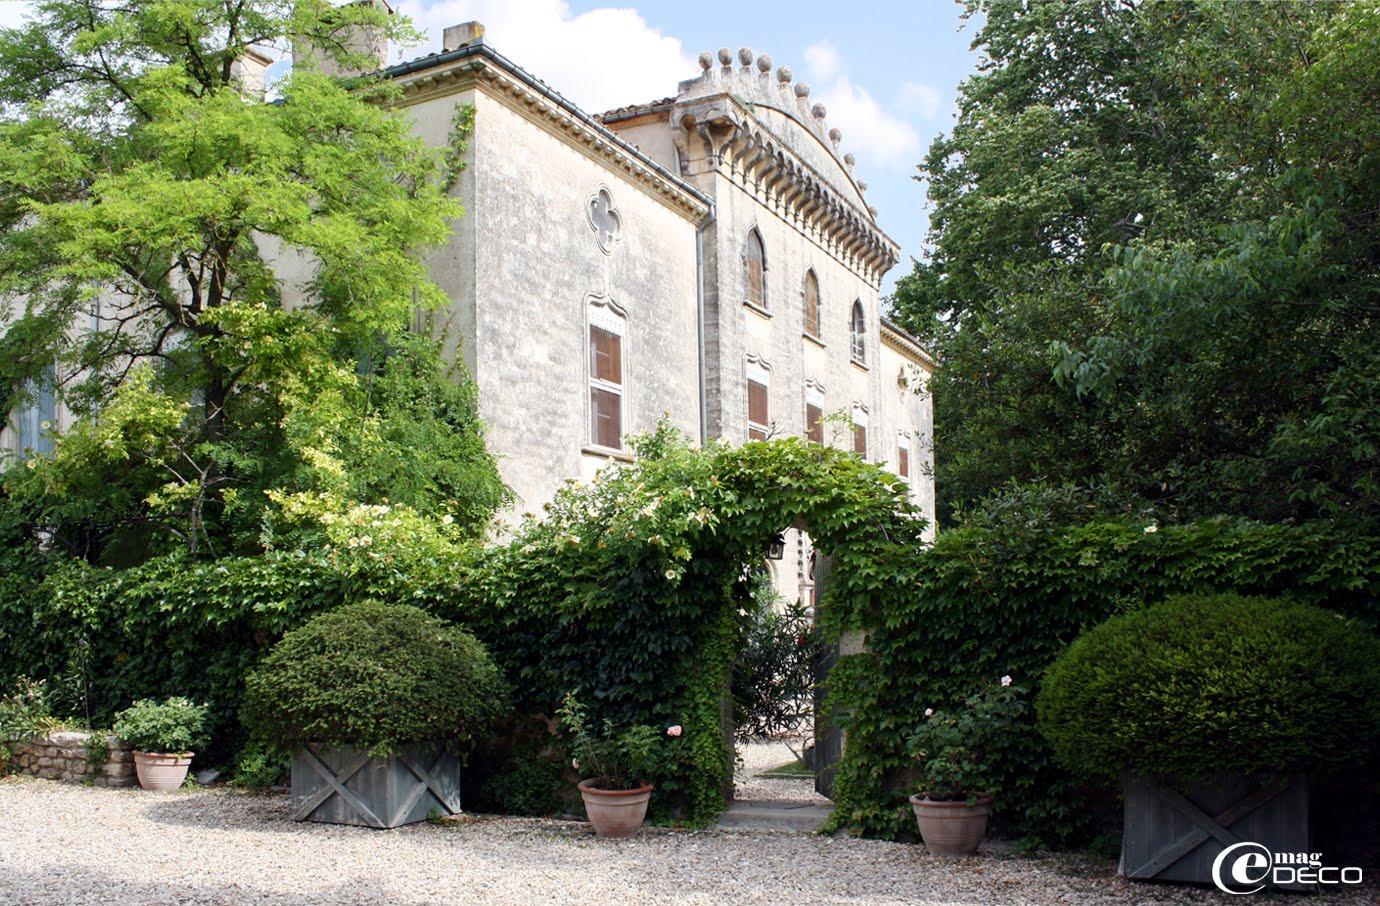 Le Château de Christin, à Junas en Languedoc, dans son écrin de verdure.